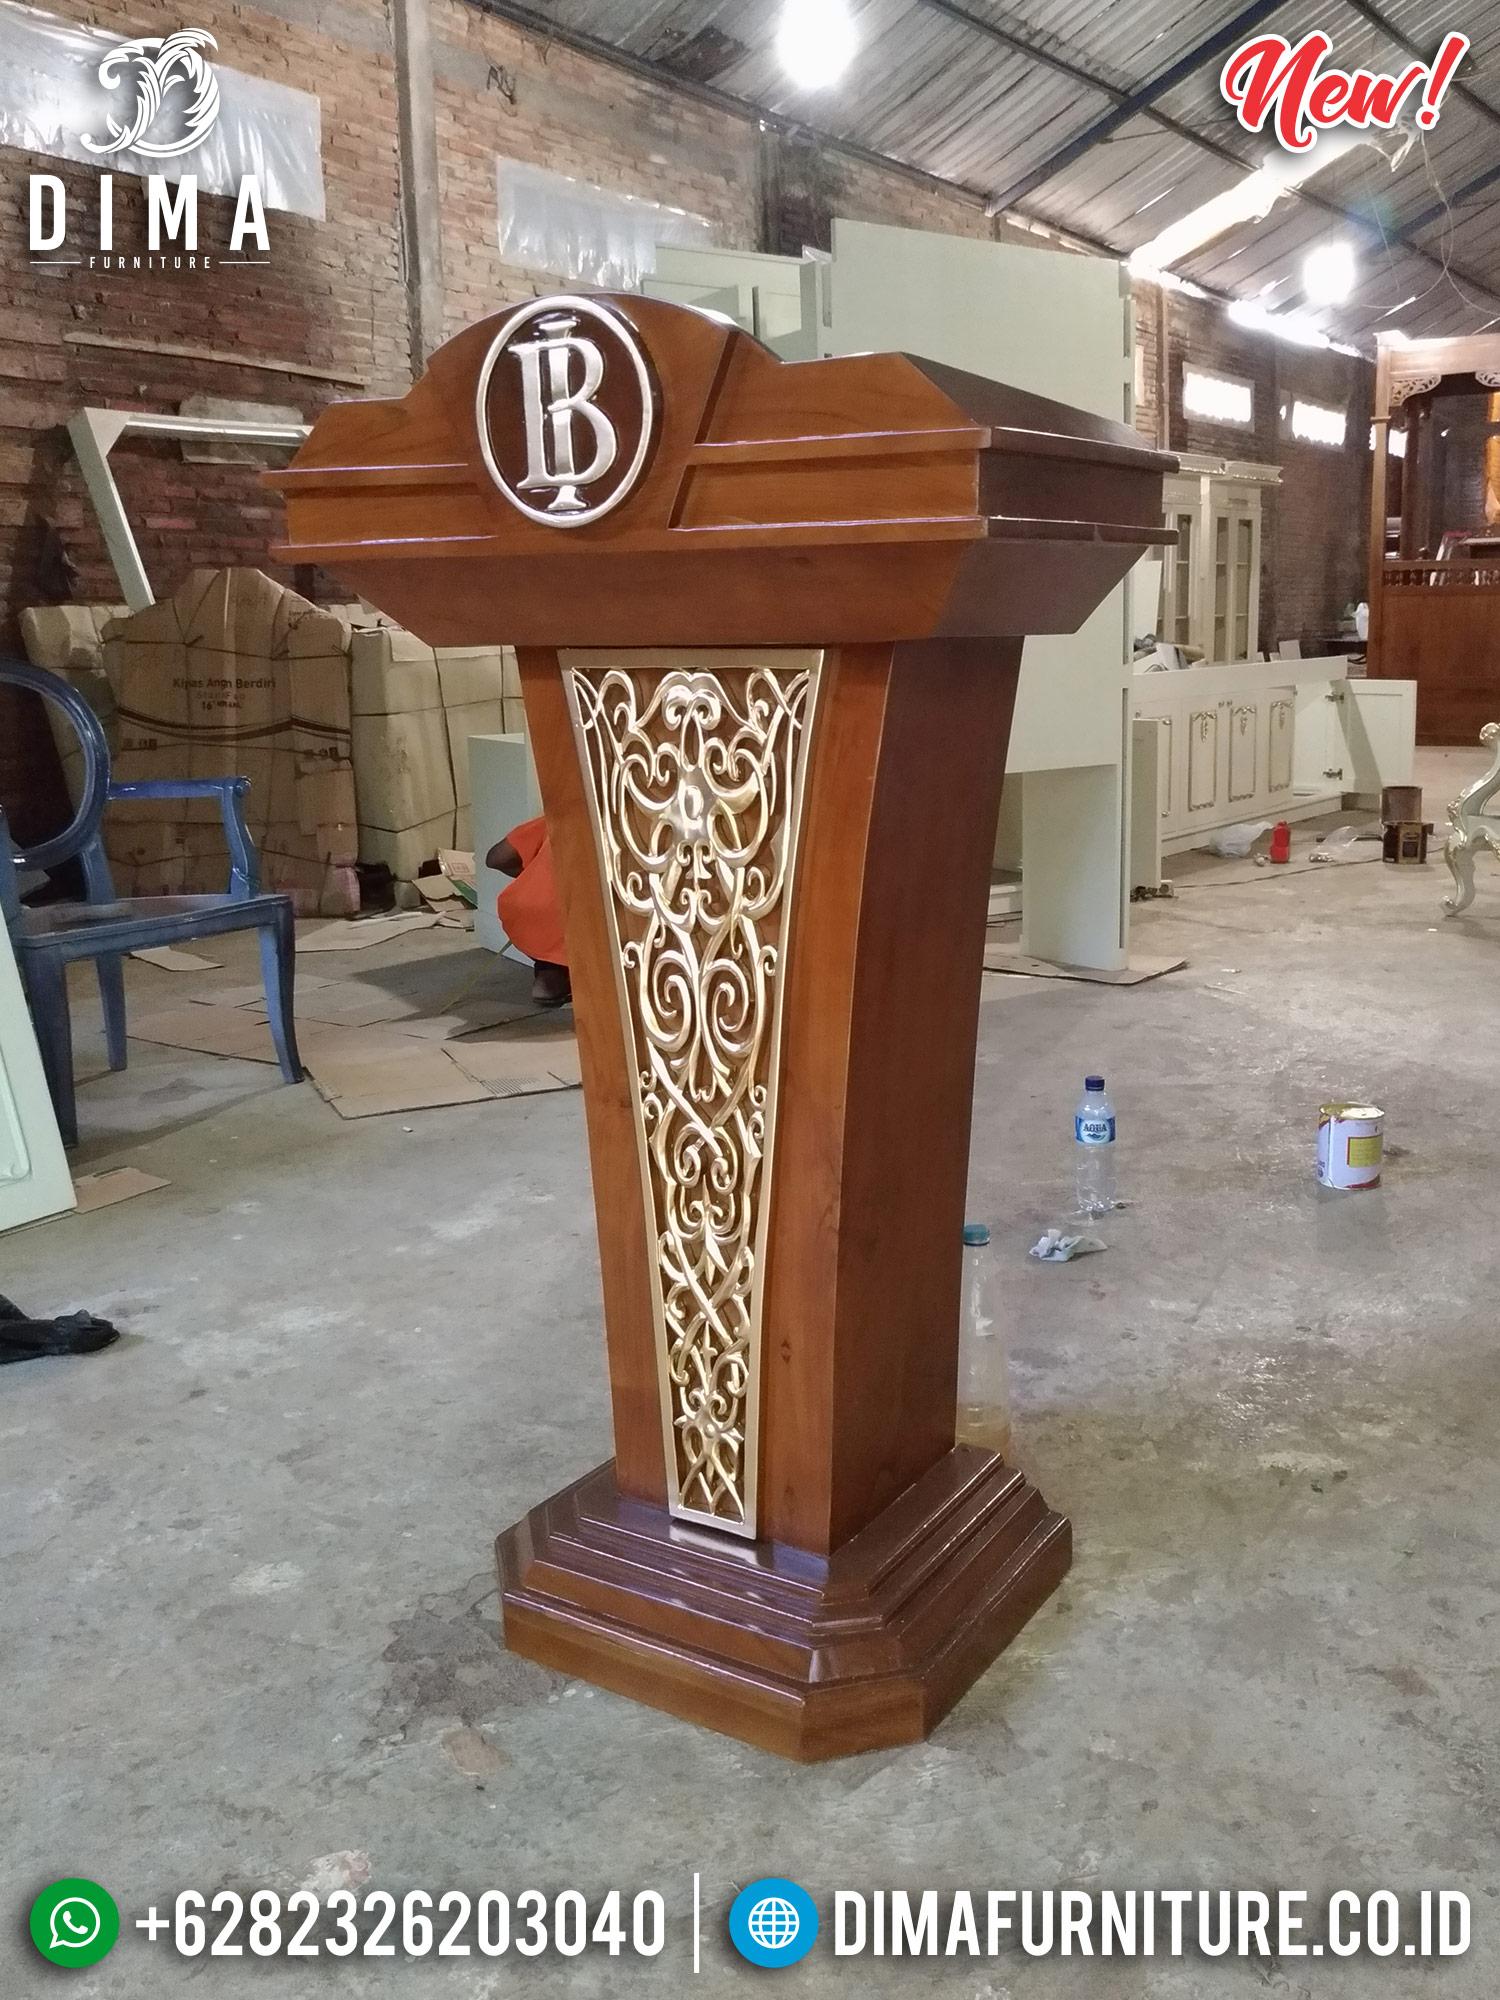 Mimbar Podium Bank BI, Mimbar Jati Jepara, Podium Presiden DF-0997 Gambar 2